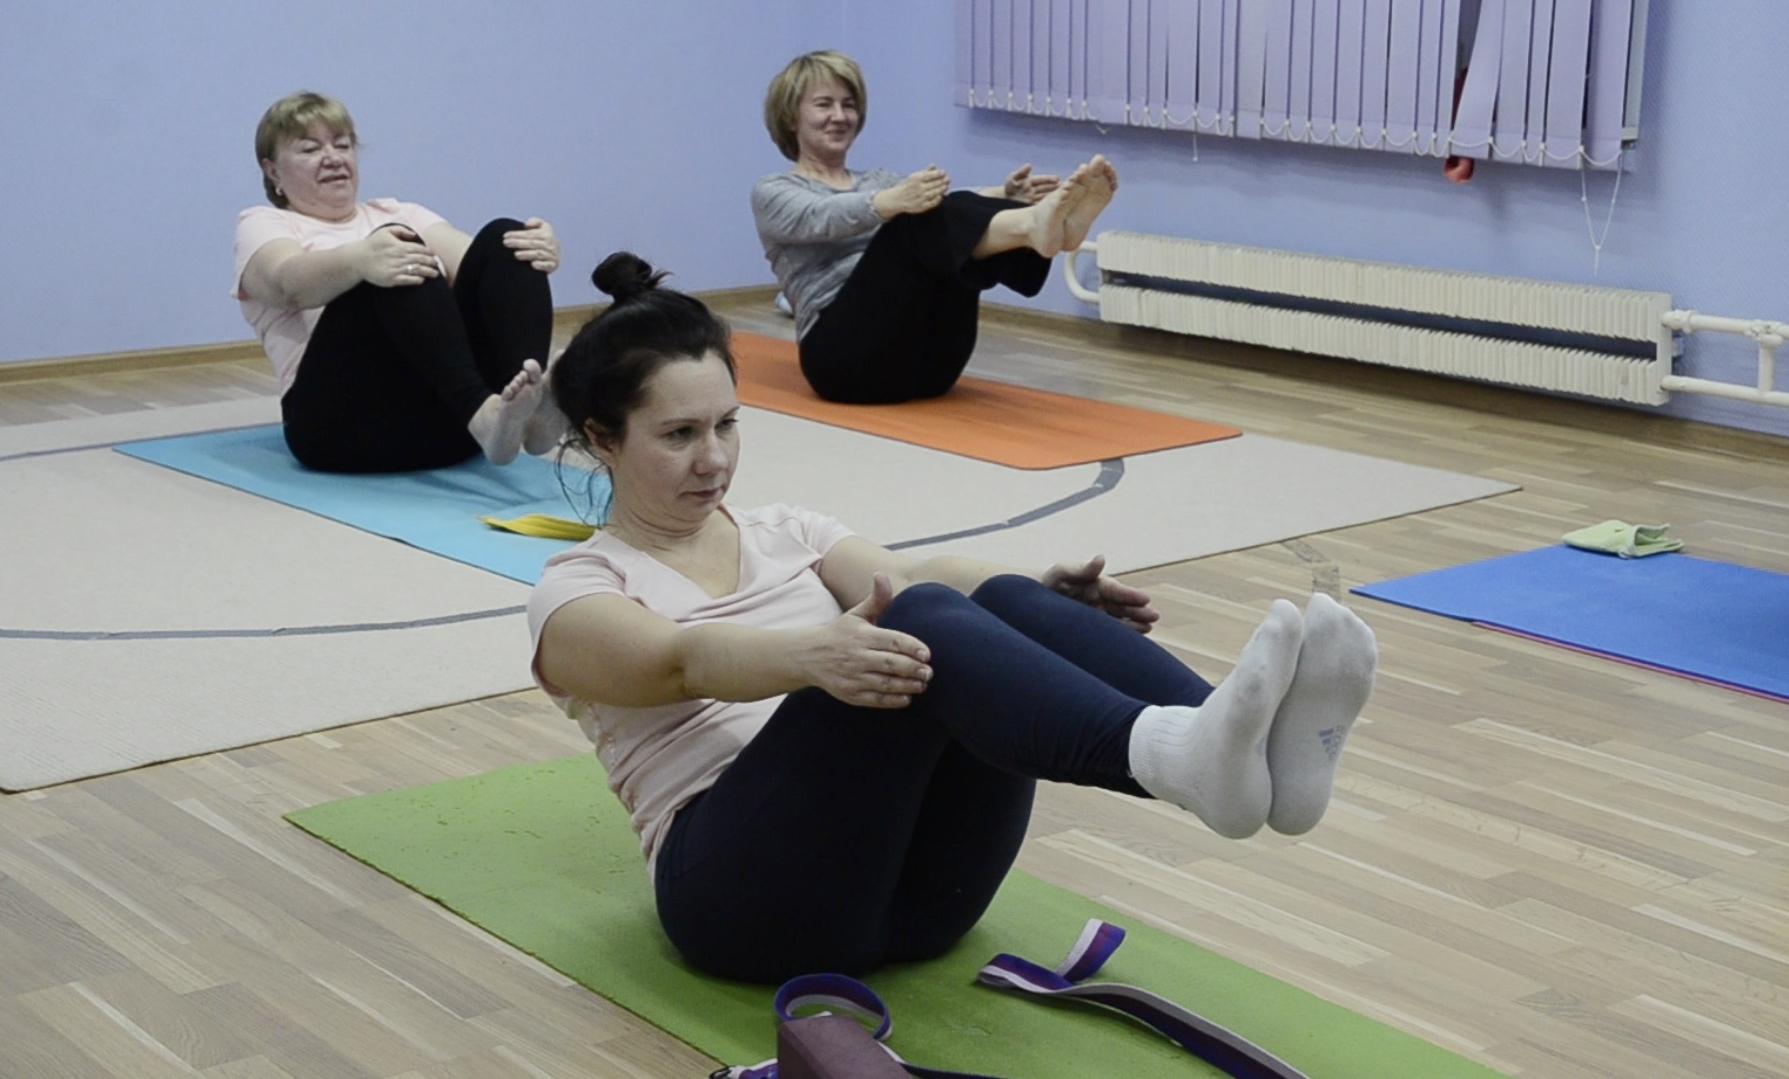 Мастер-класс по стретчингу пройдет в прямом эфире ДК «Пересвет» в Рязановском